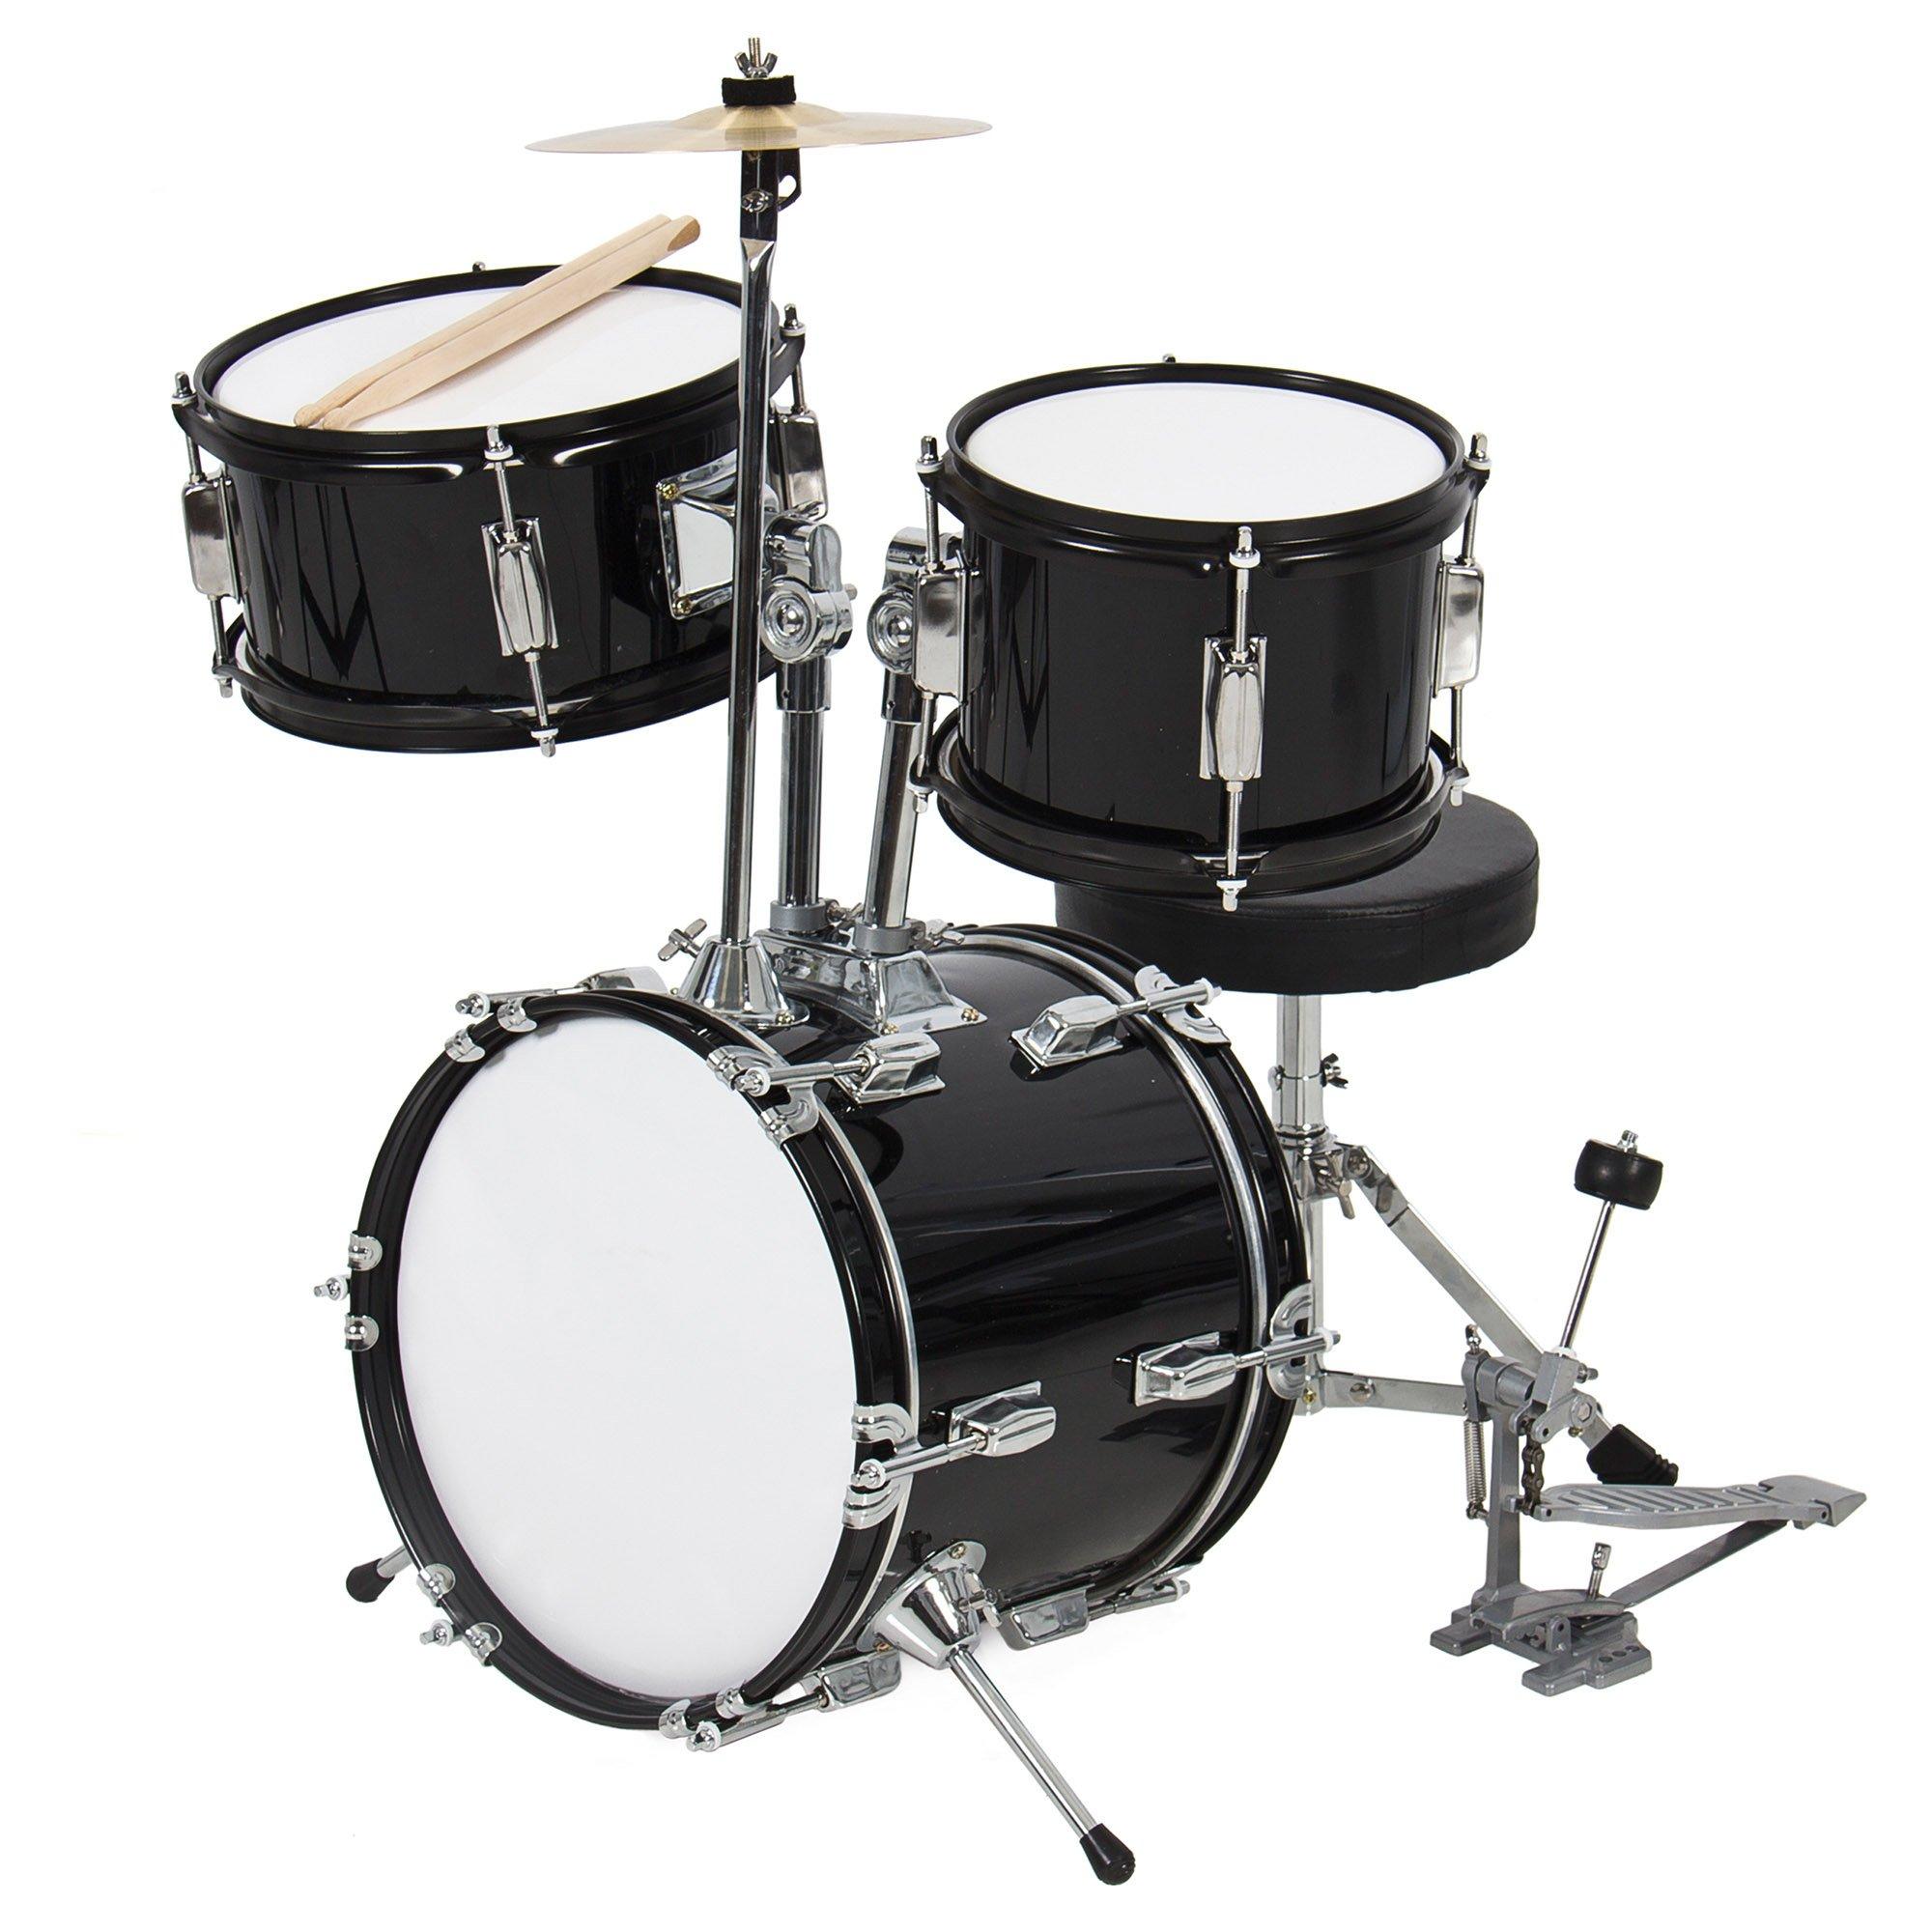 drum set for beginners. Black Bedroom Furniture Sets. Home Design Ideas